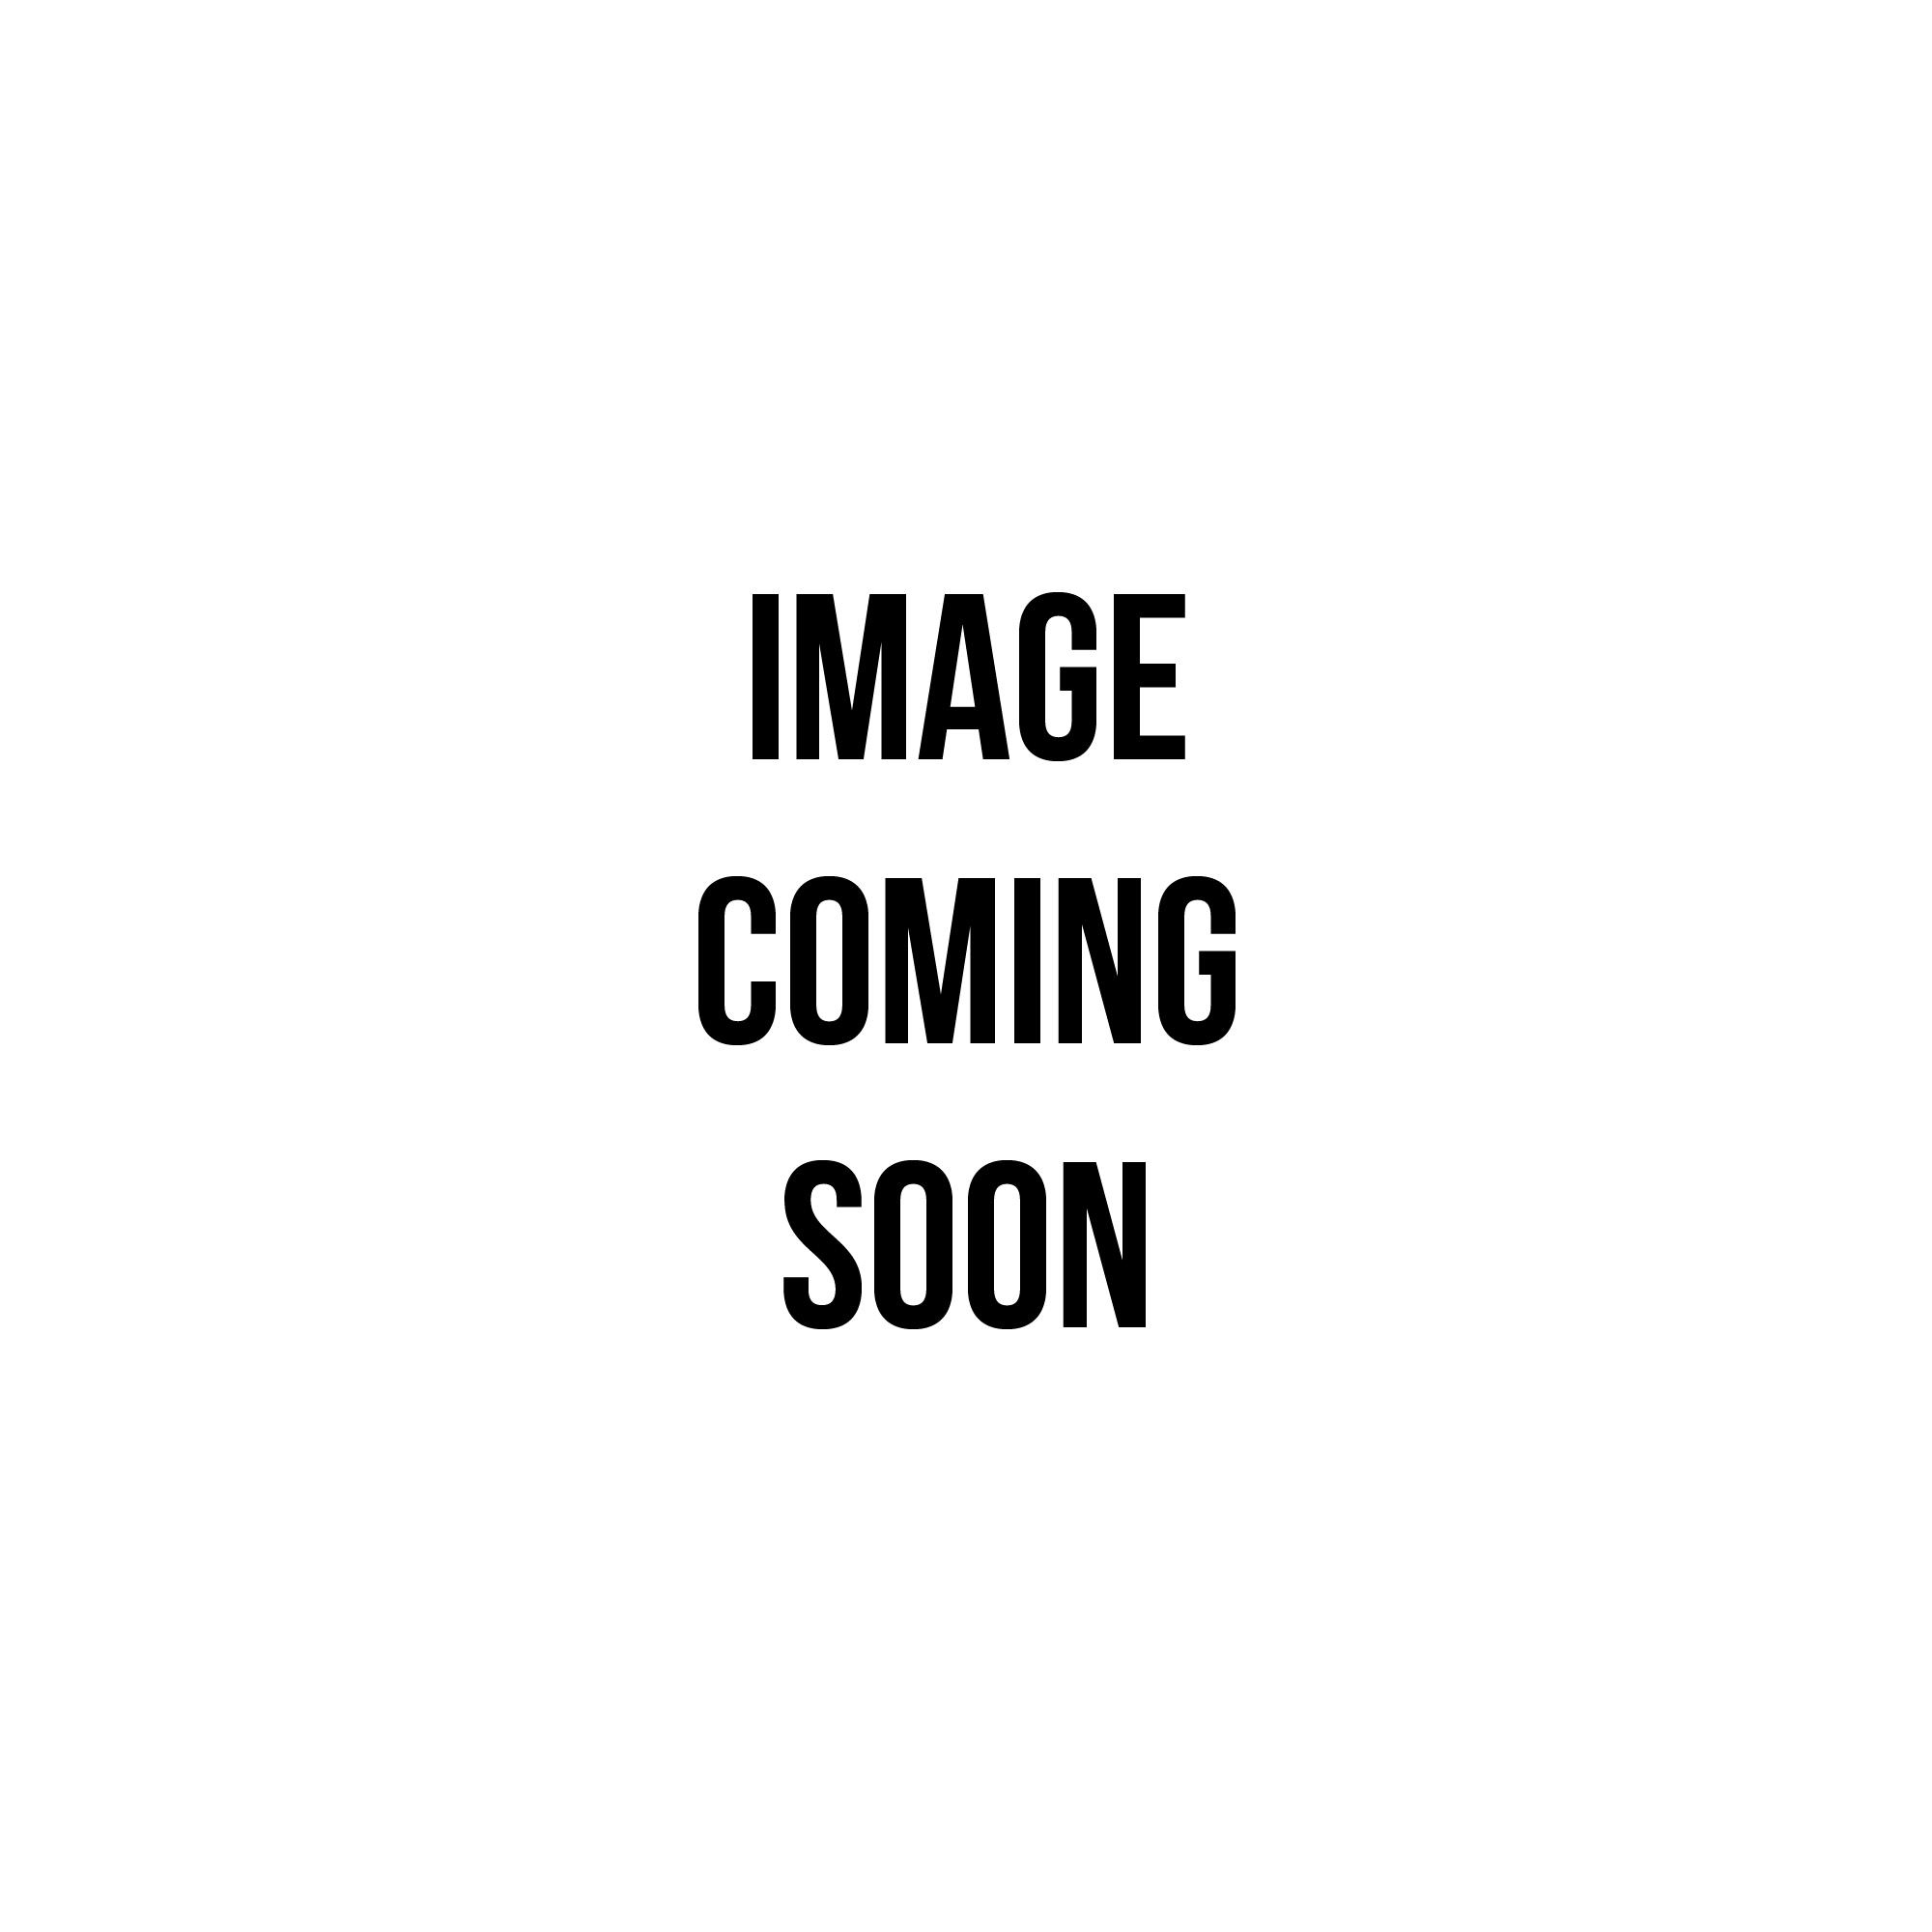 Retro Air Jordan 9 De Taille 5/5 1/2 ÷ = Livraison gratuite fiable collections de sortie x8WJeg